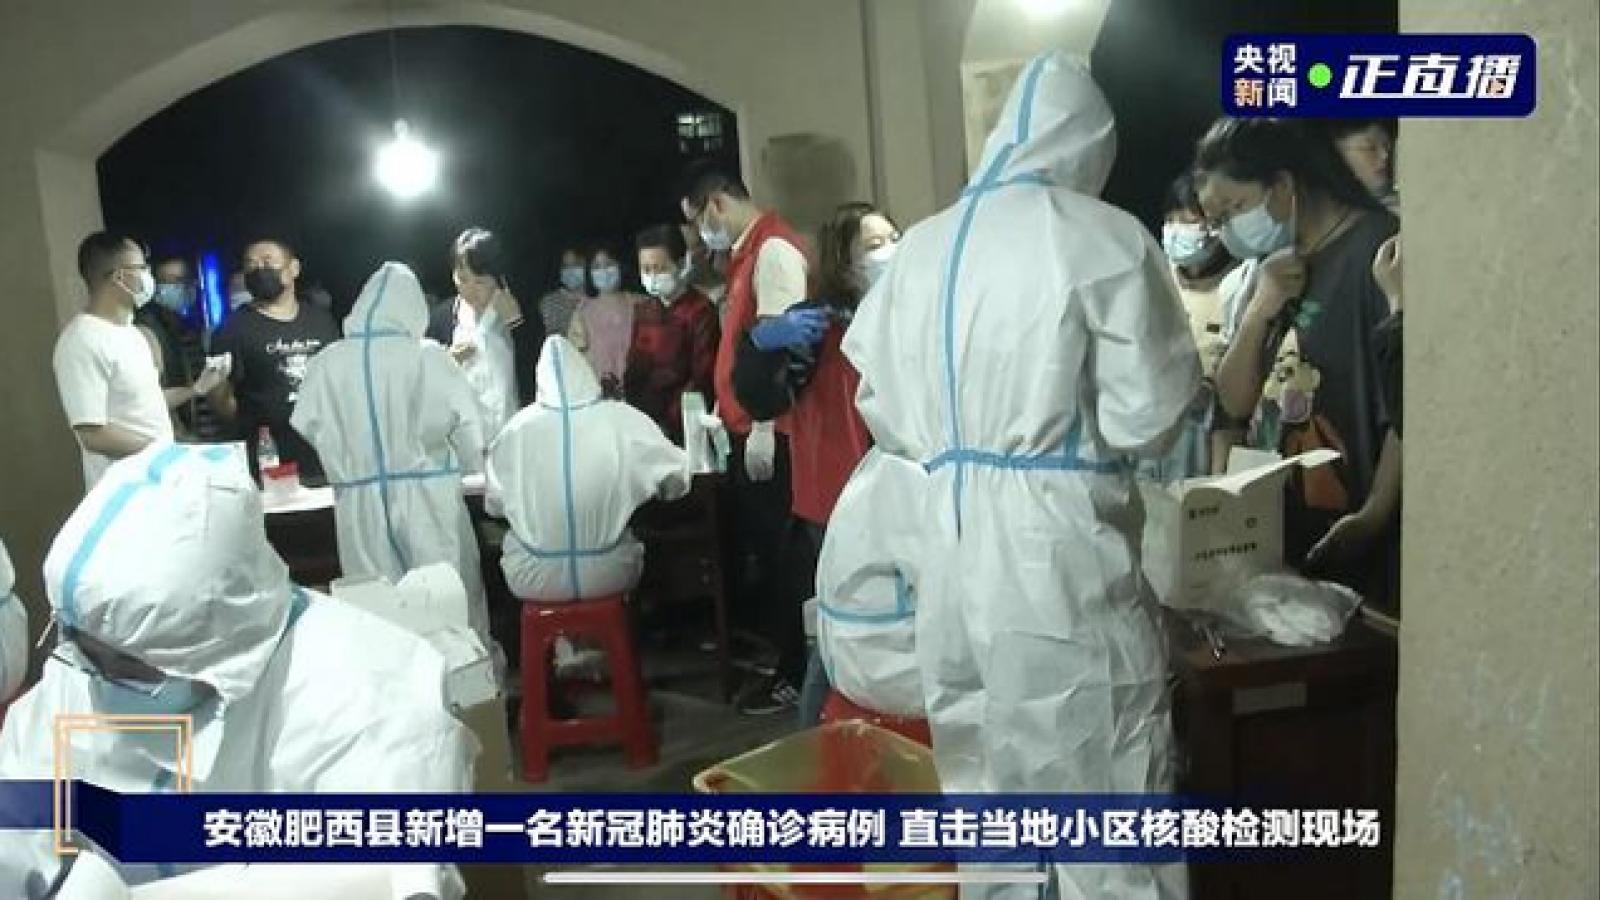 Trung Quốc siết chặt kiểm dịch với người nhập cảnh từ Ấn Độ